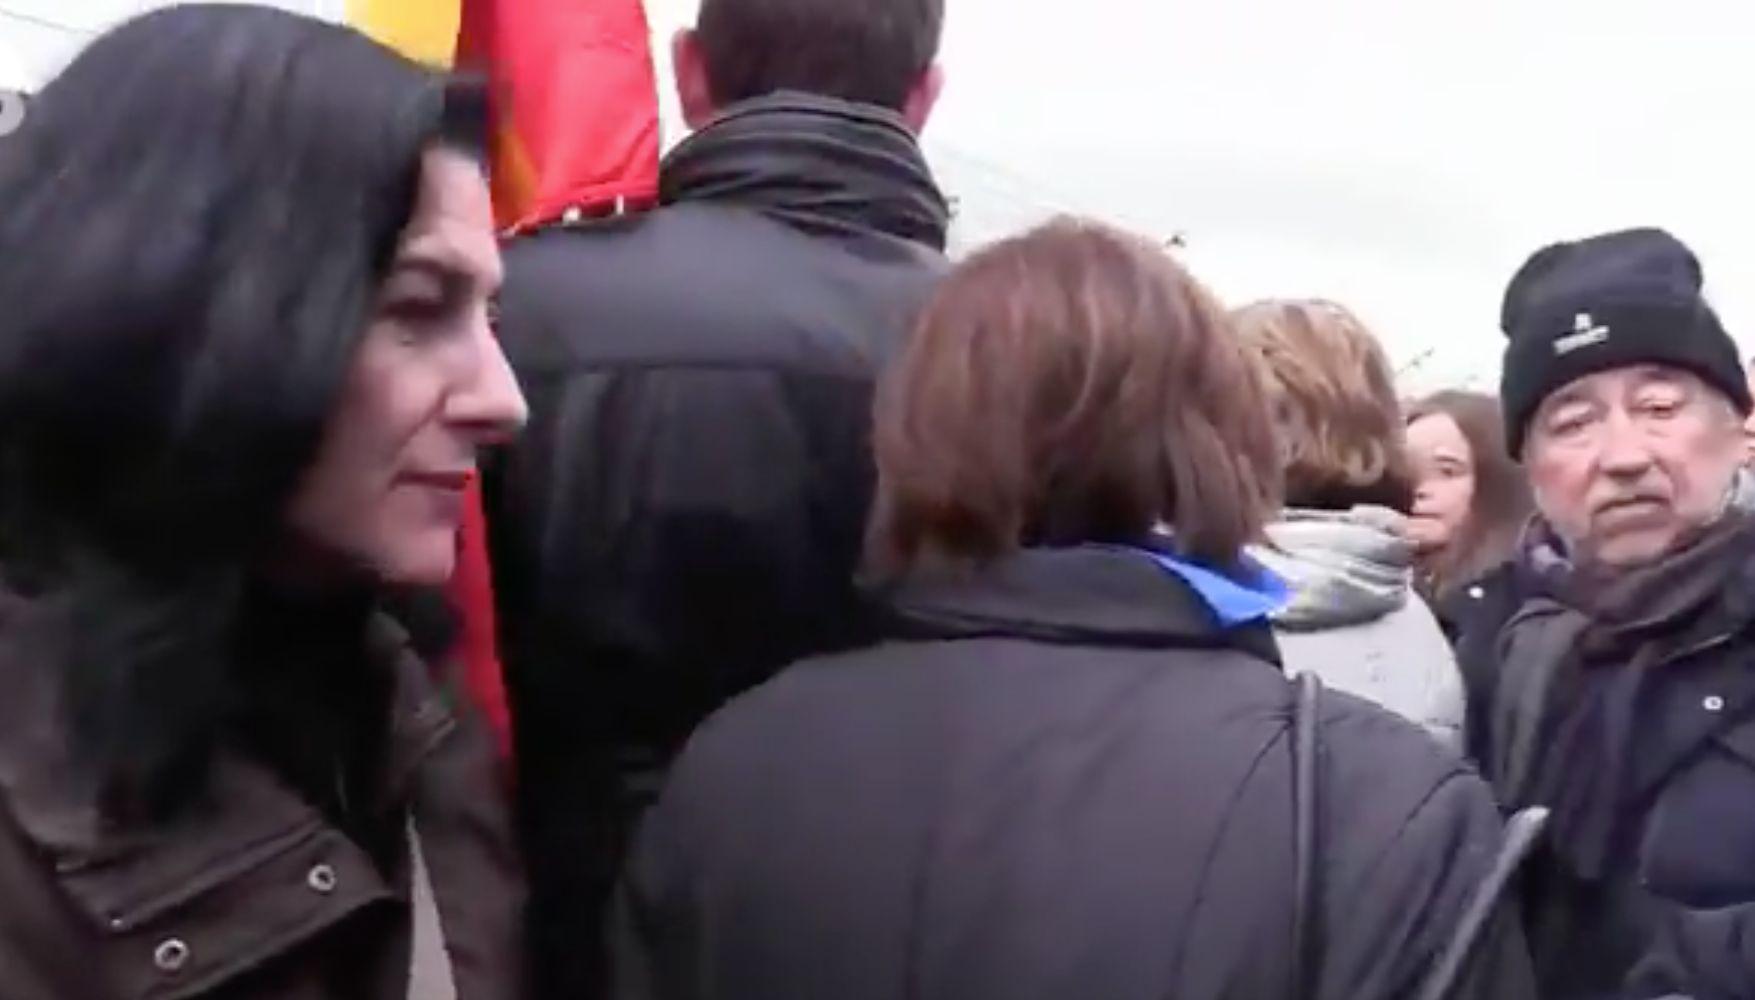 La ministra Dolores Delgado abandona un acto en Mauthausen por una alusión a